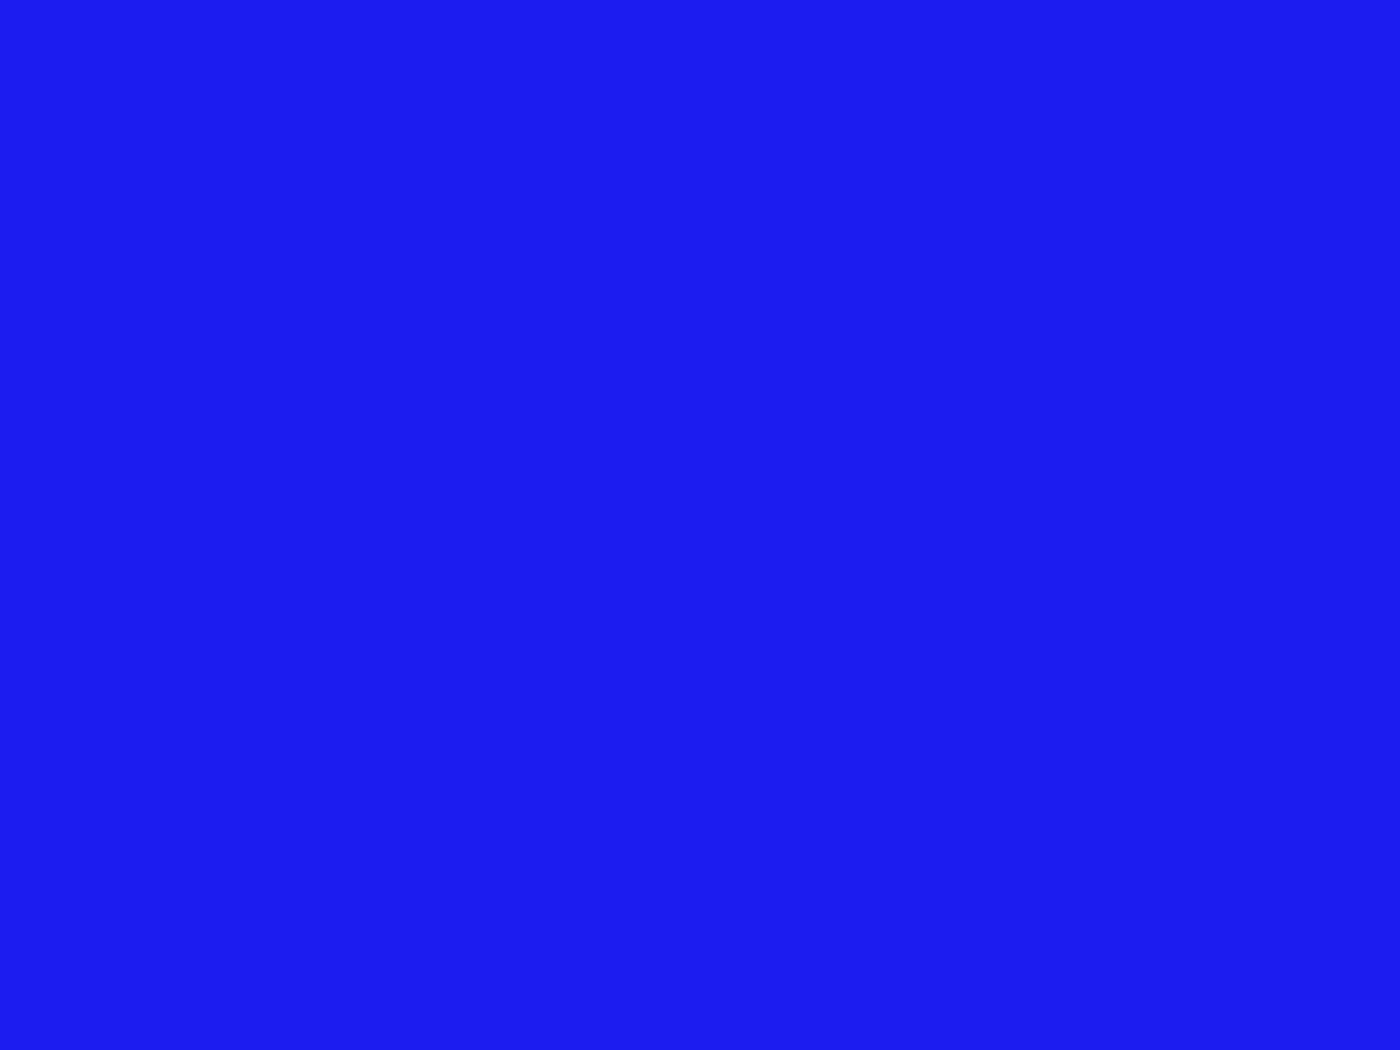 1400x1050 Bluebonnet Solid Color Background